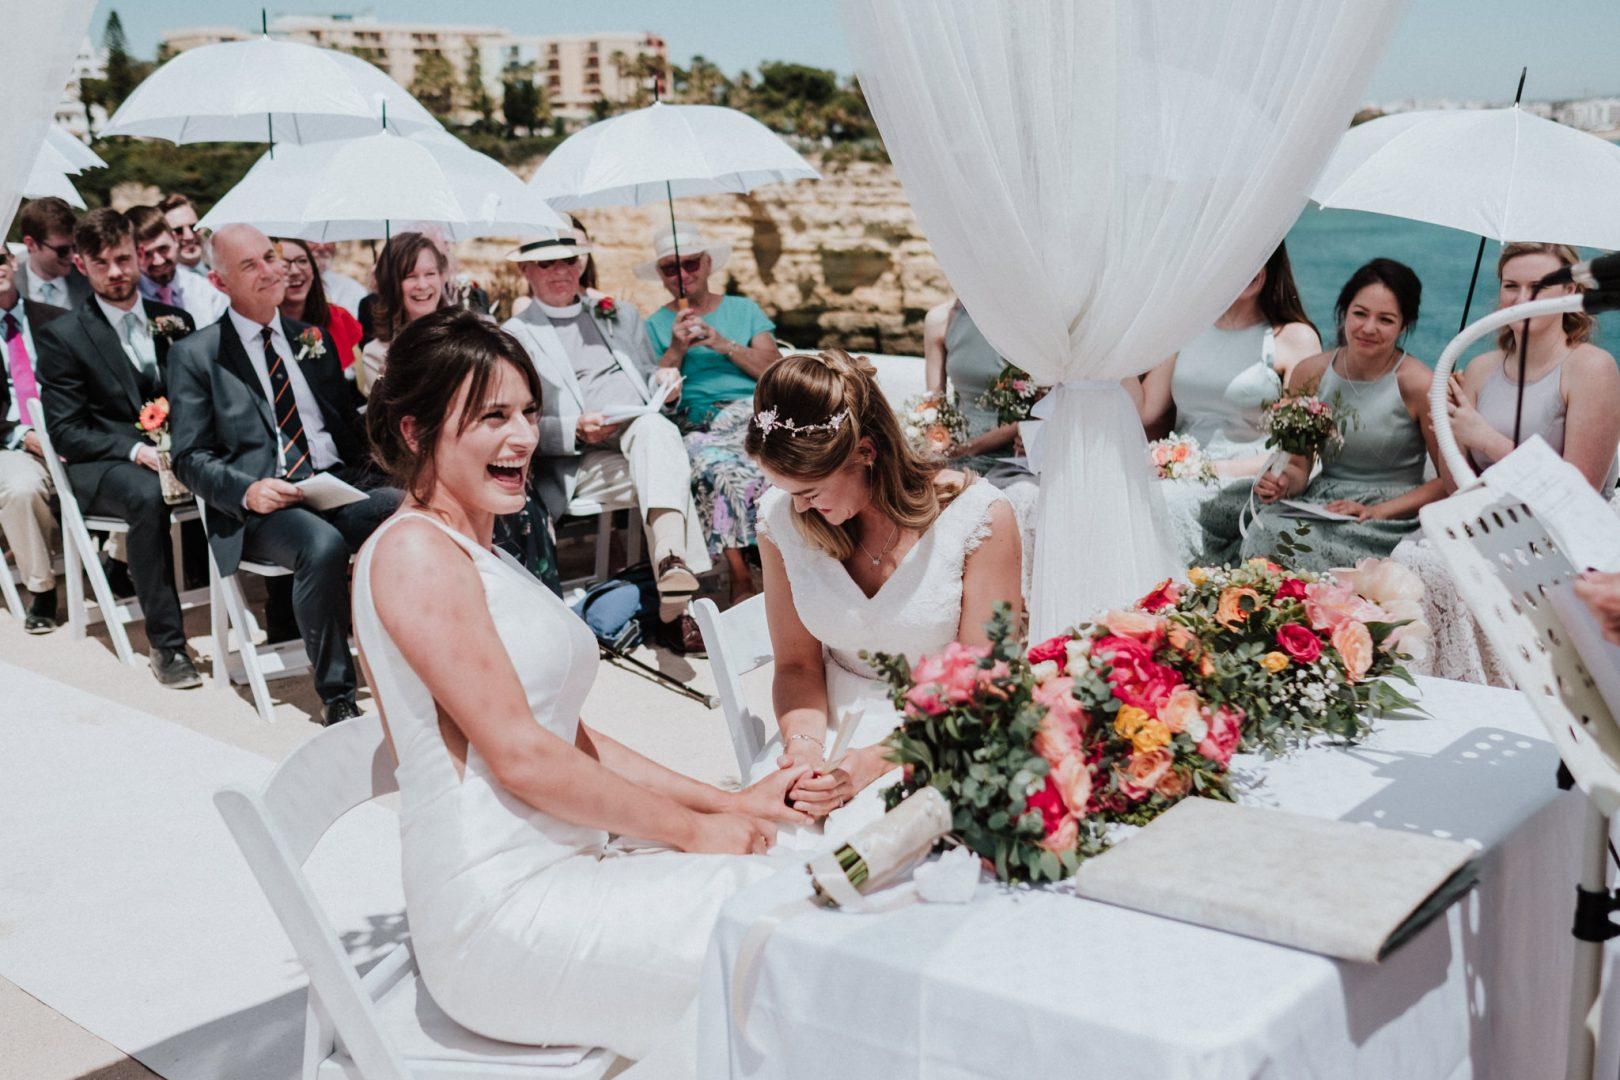 same sex wedding ceremony Igreja de Nossa Senhora da Rocha in Porches, Portugal